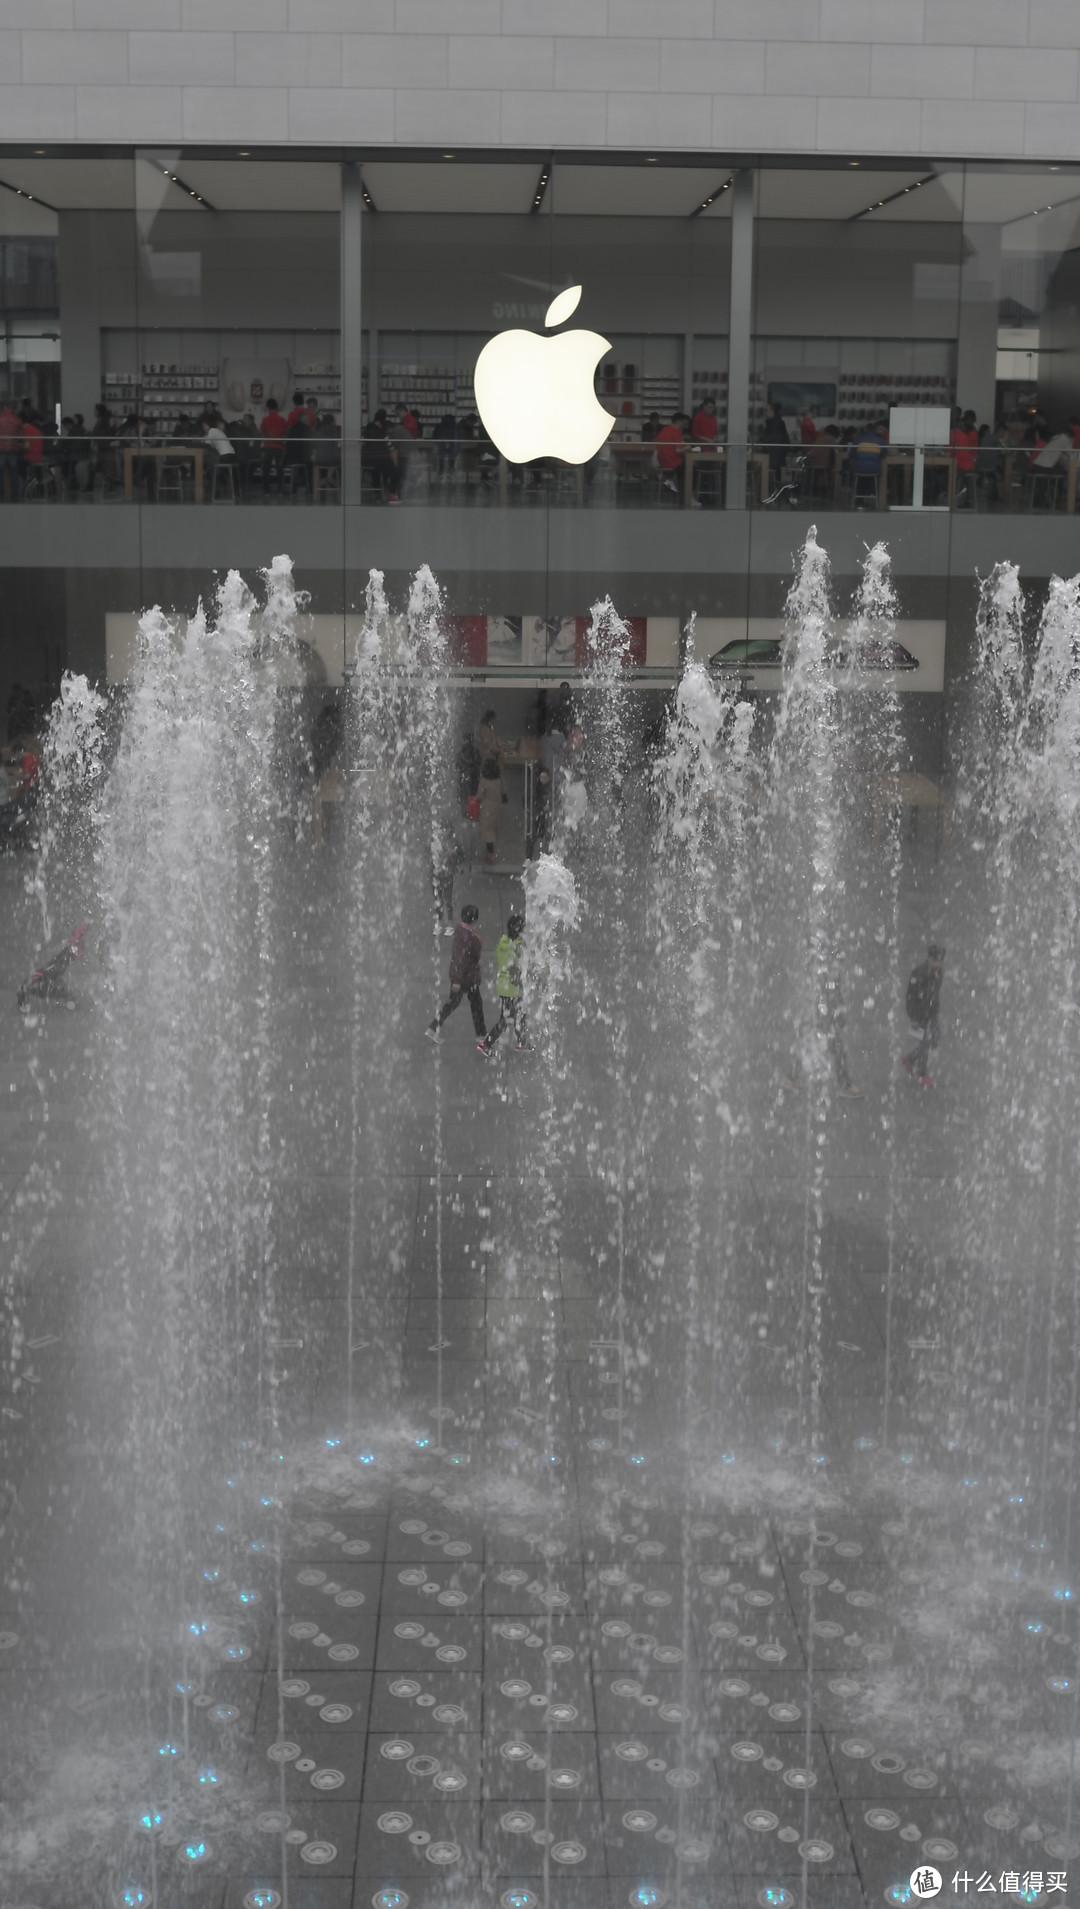 喷泉与苹果logo 多云 自动模式 有裁切 细节经不起推敲